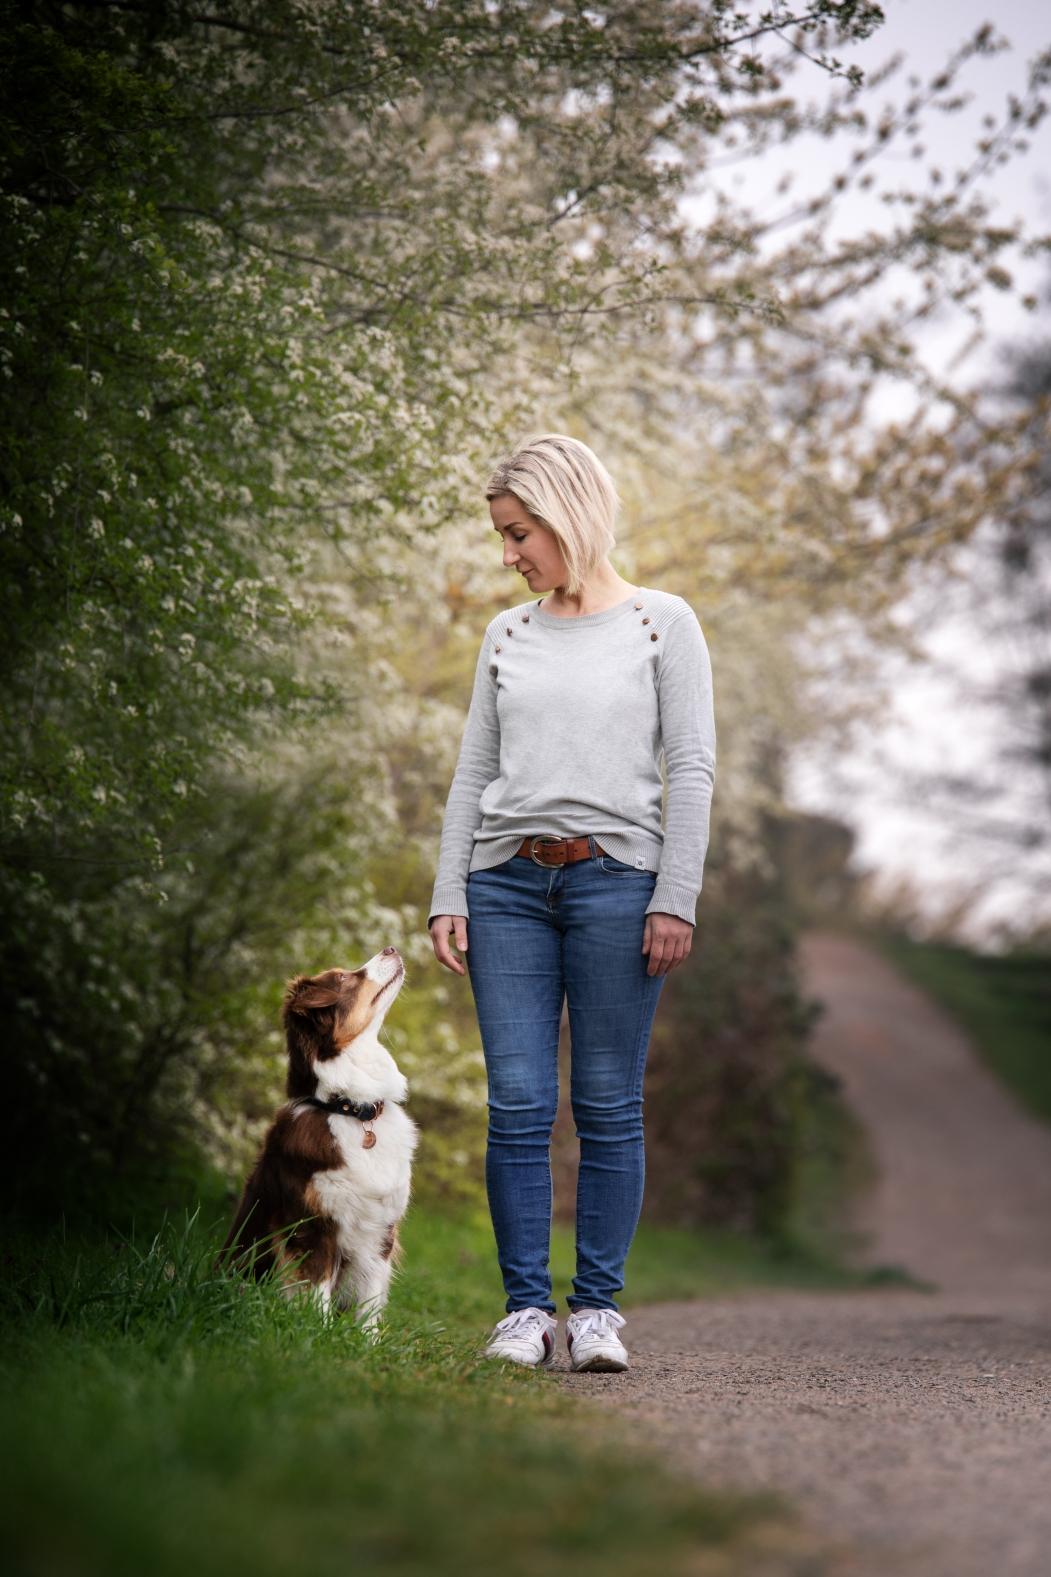 Dogwalking, Hundebetreuung, Urlaubsbetreuung, Tagesbetreuung für Hunde, Gassiservice Potsdam